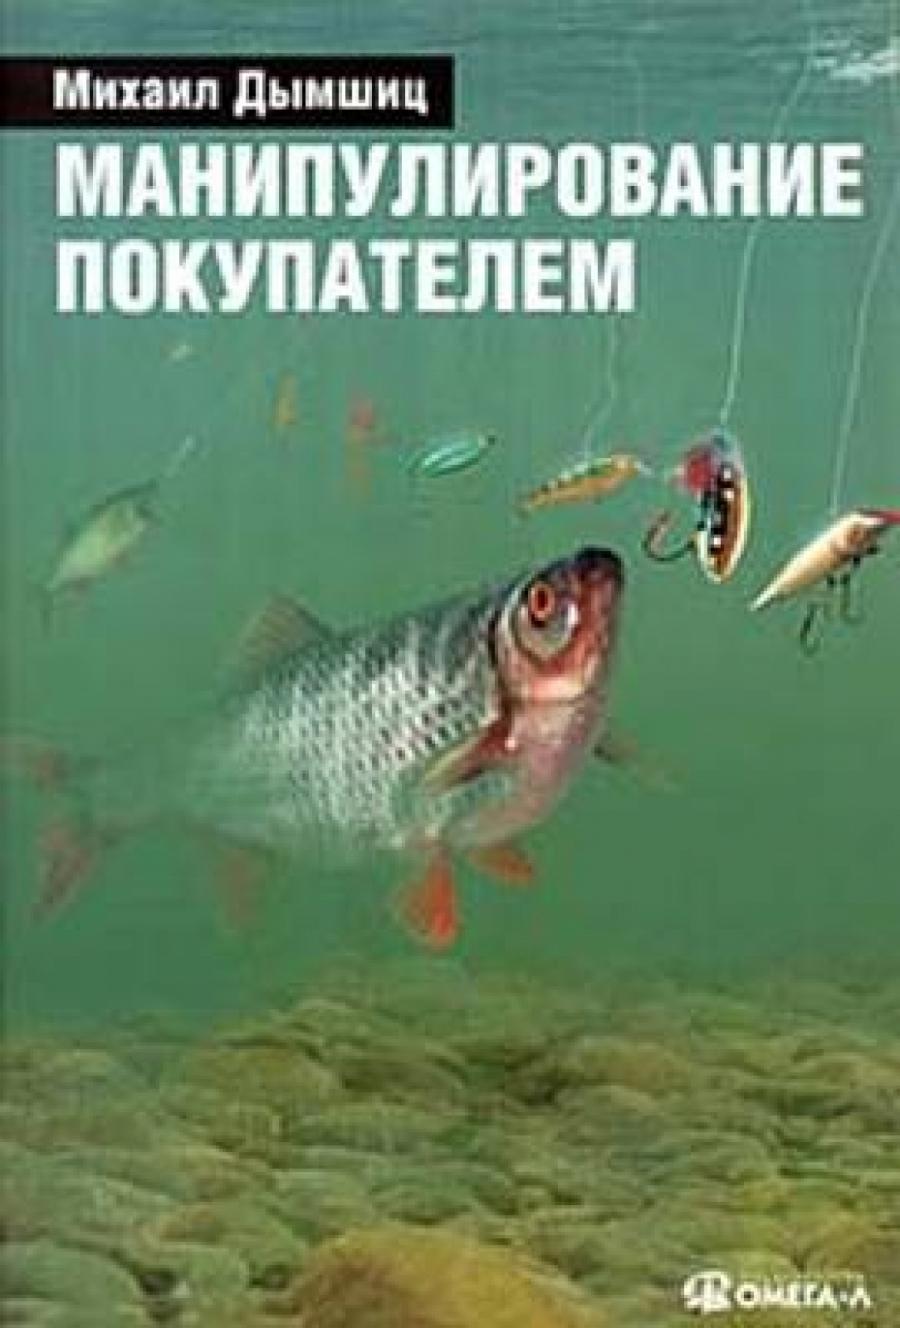 Обложка книги:  м.н. дымшиц - манипулирование покупателем.